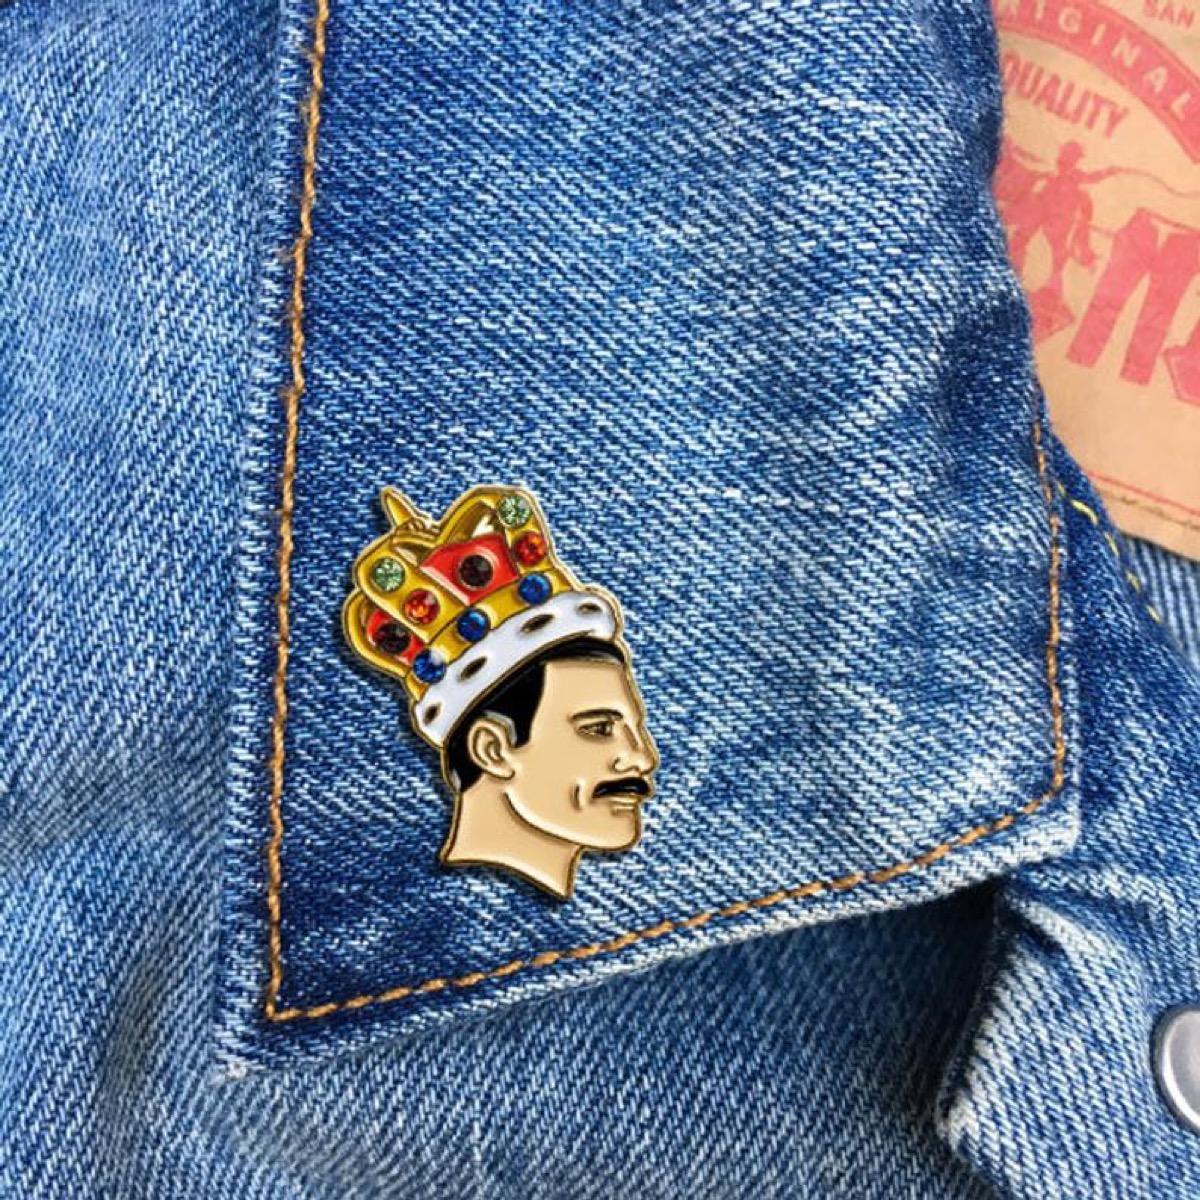 small enamel freddie mercury pin on a jean jacket